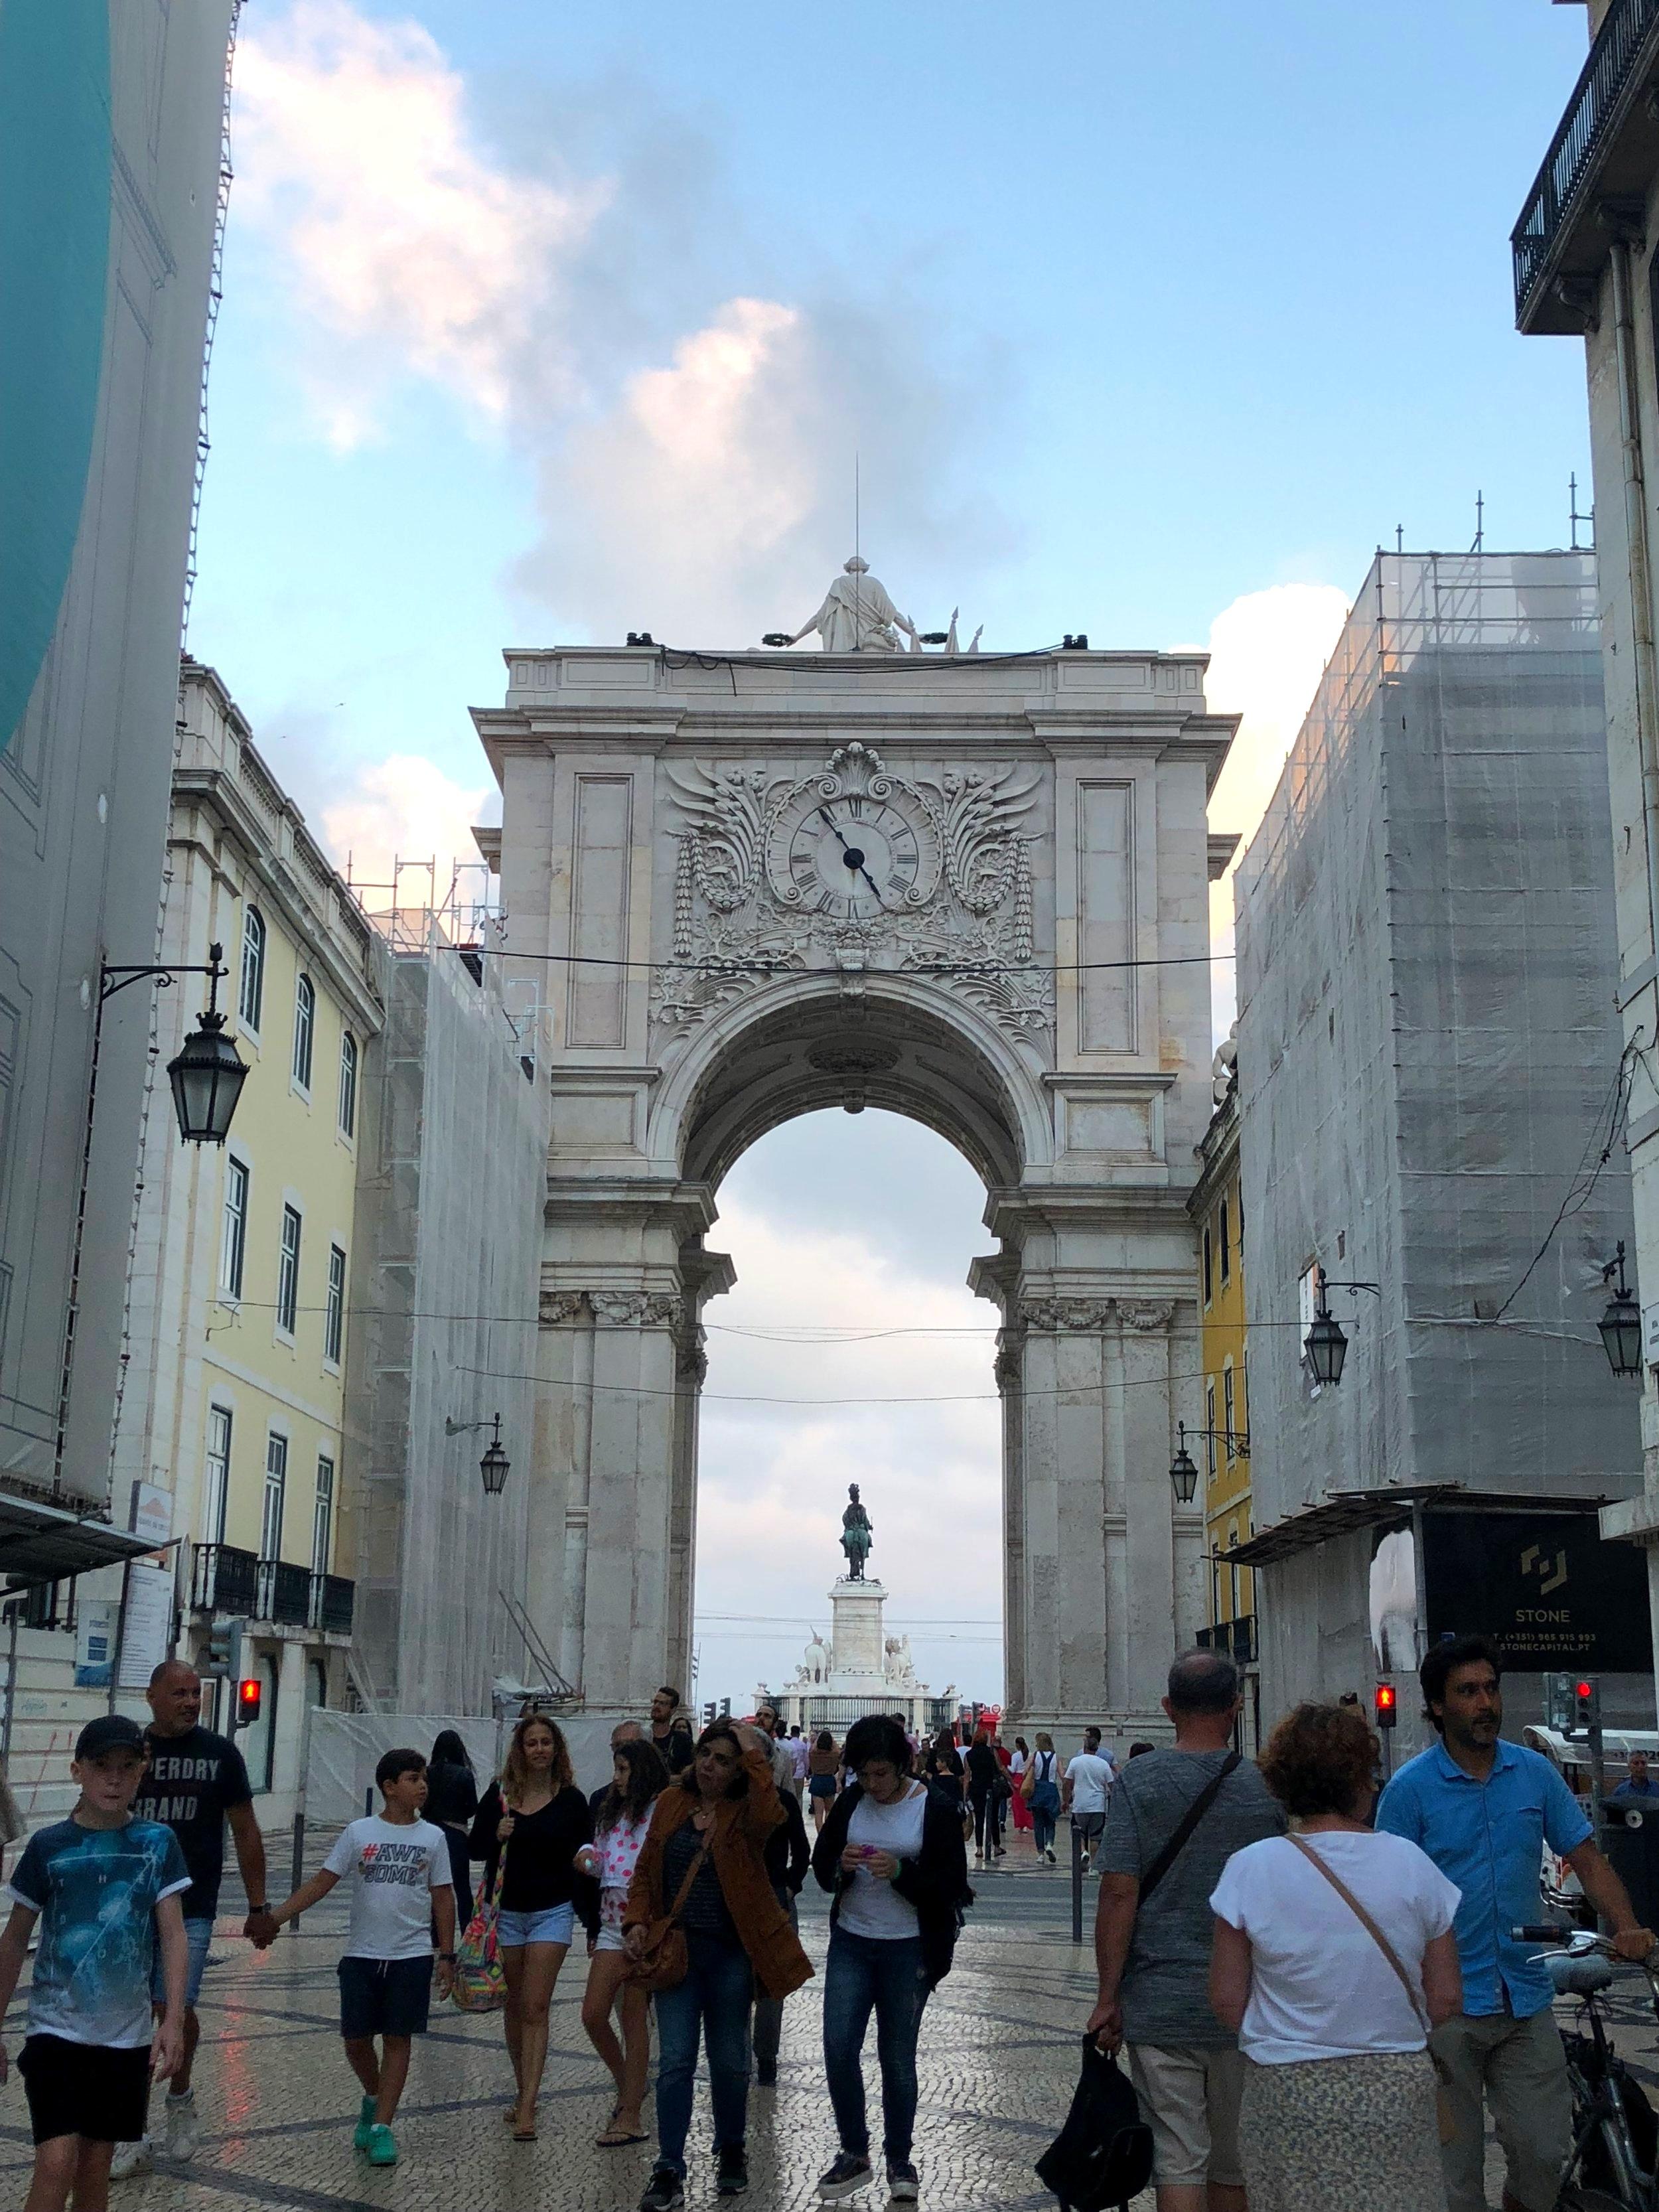 The arch at the entrance of Praça do Comércio